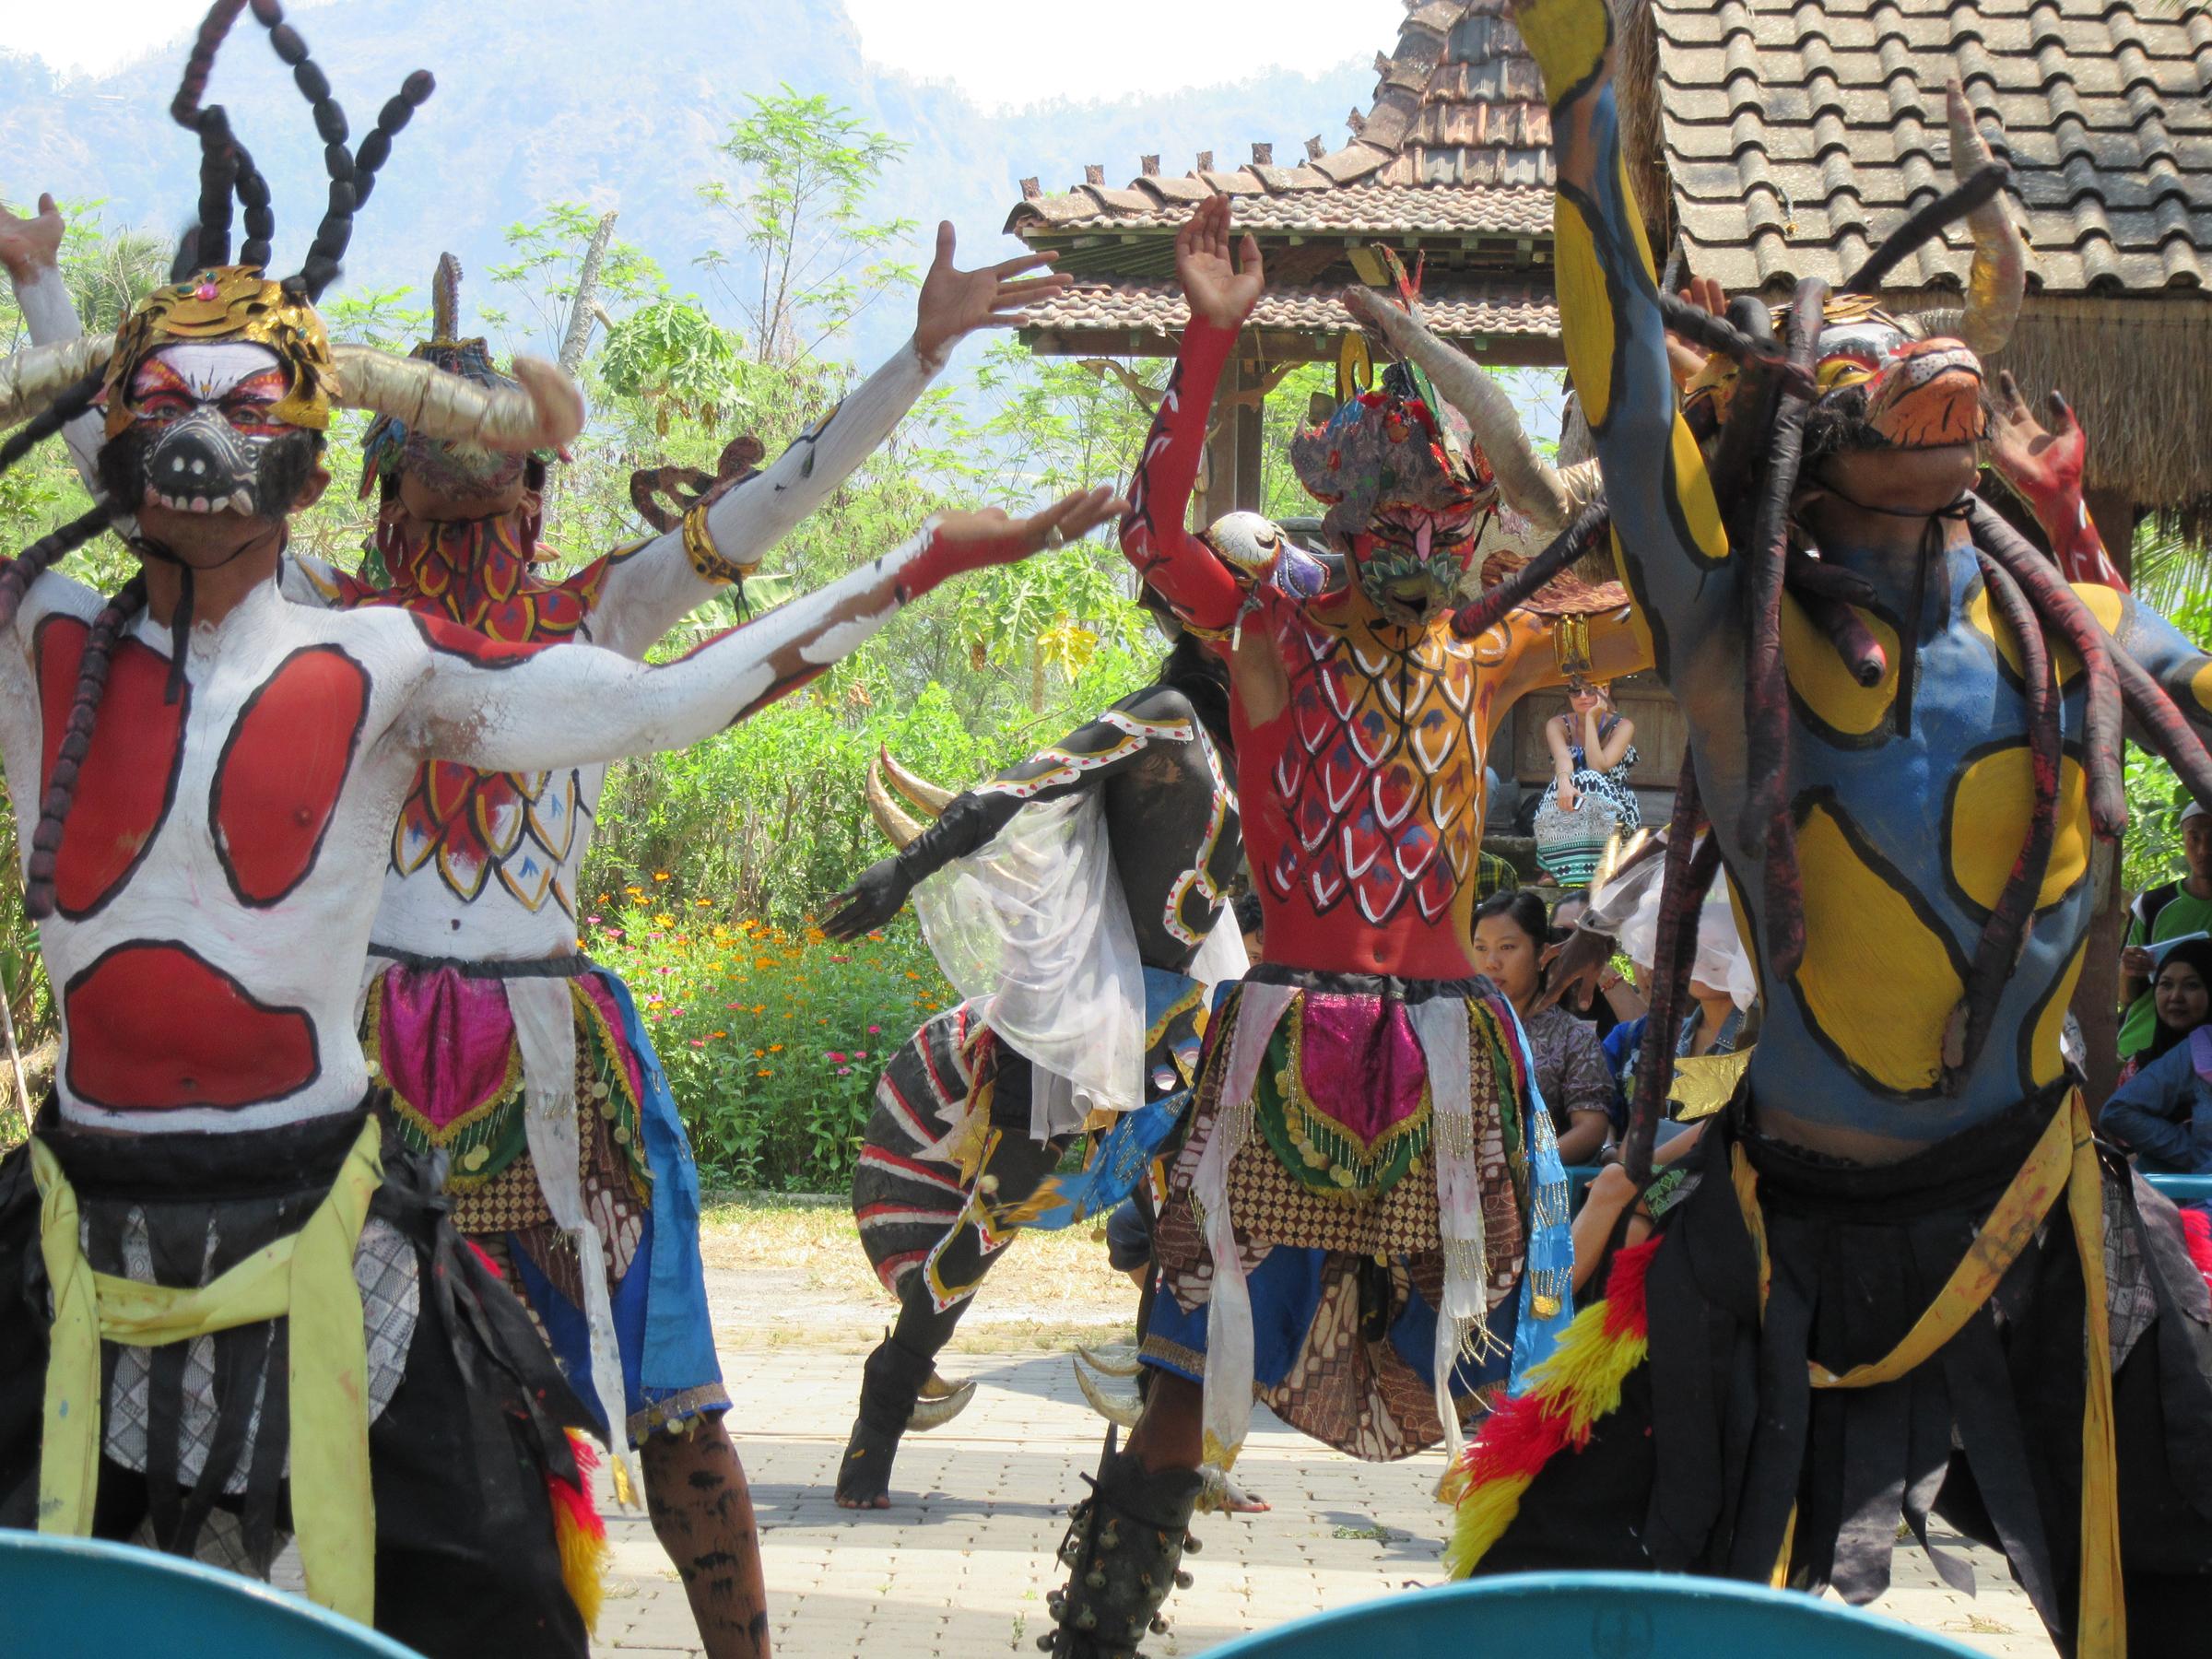 h_Limanjawi Art House_dancers 2.jpg